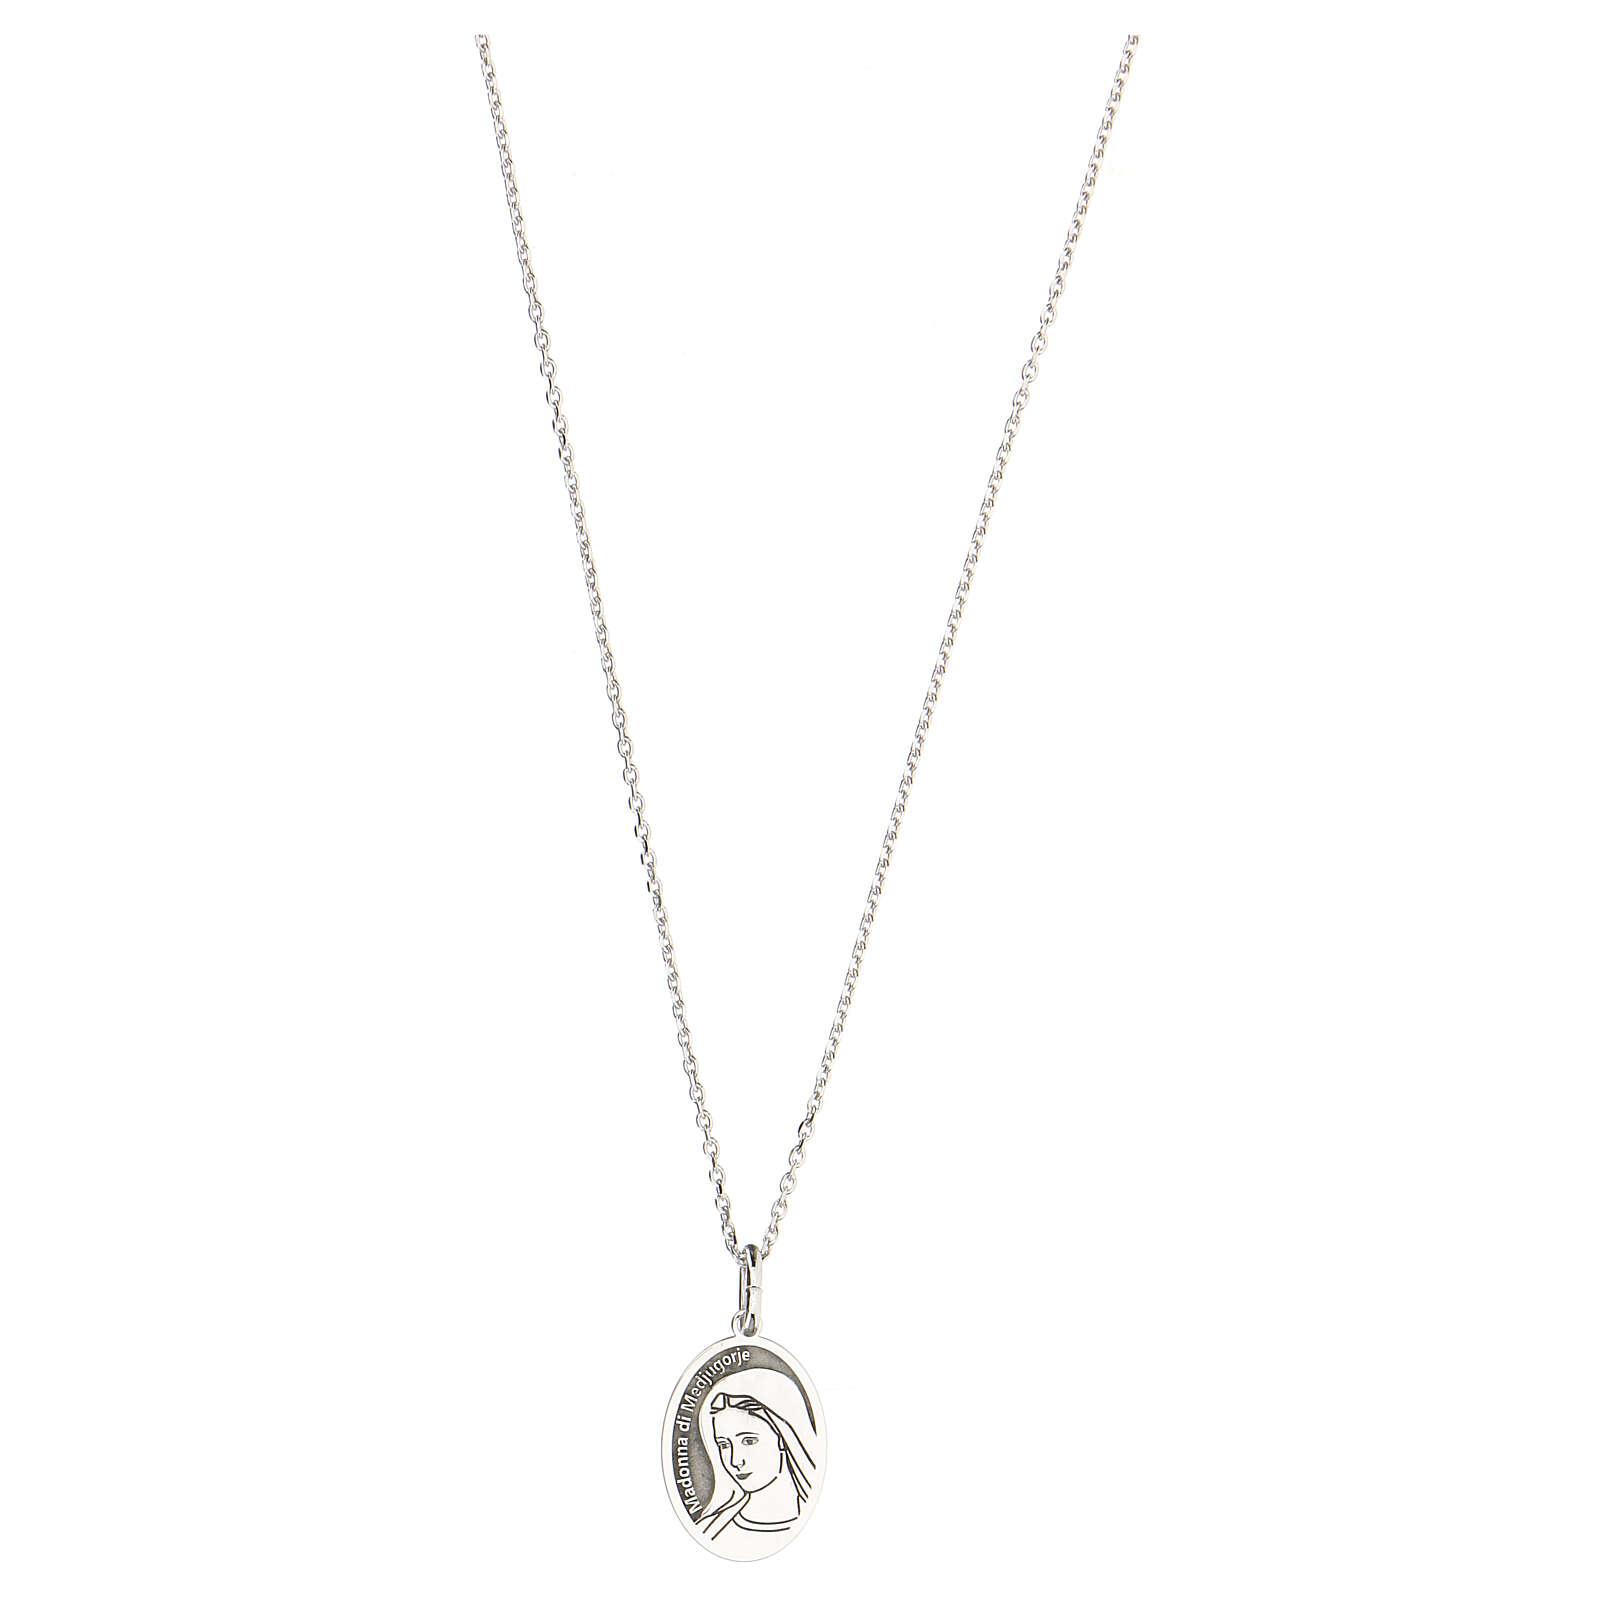 Collier Notre-Dame de Medjugorje argent 925 rhodié 4